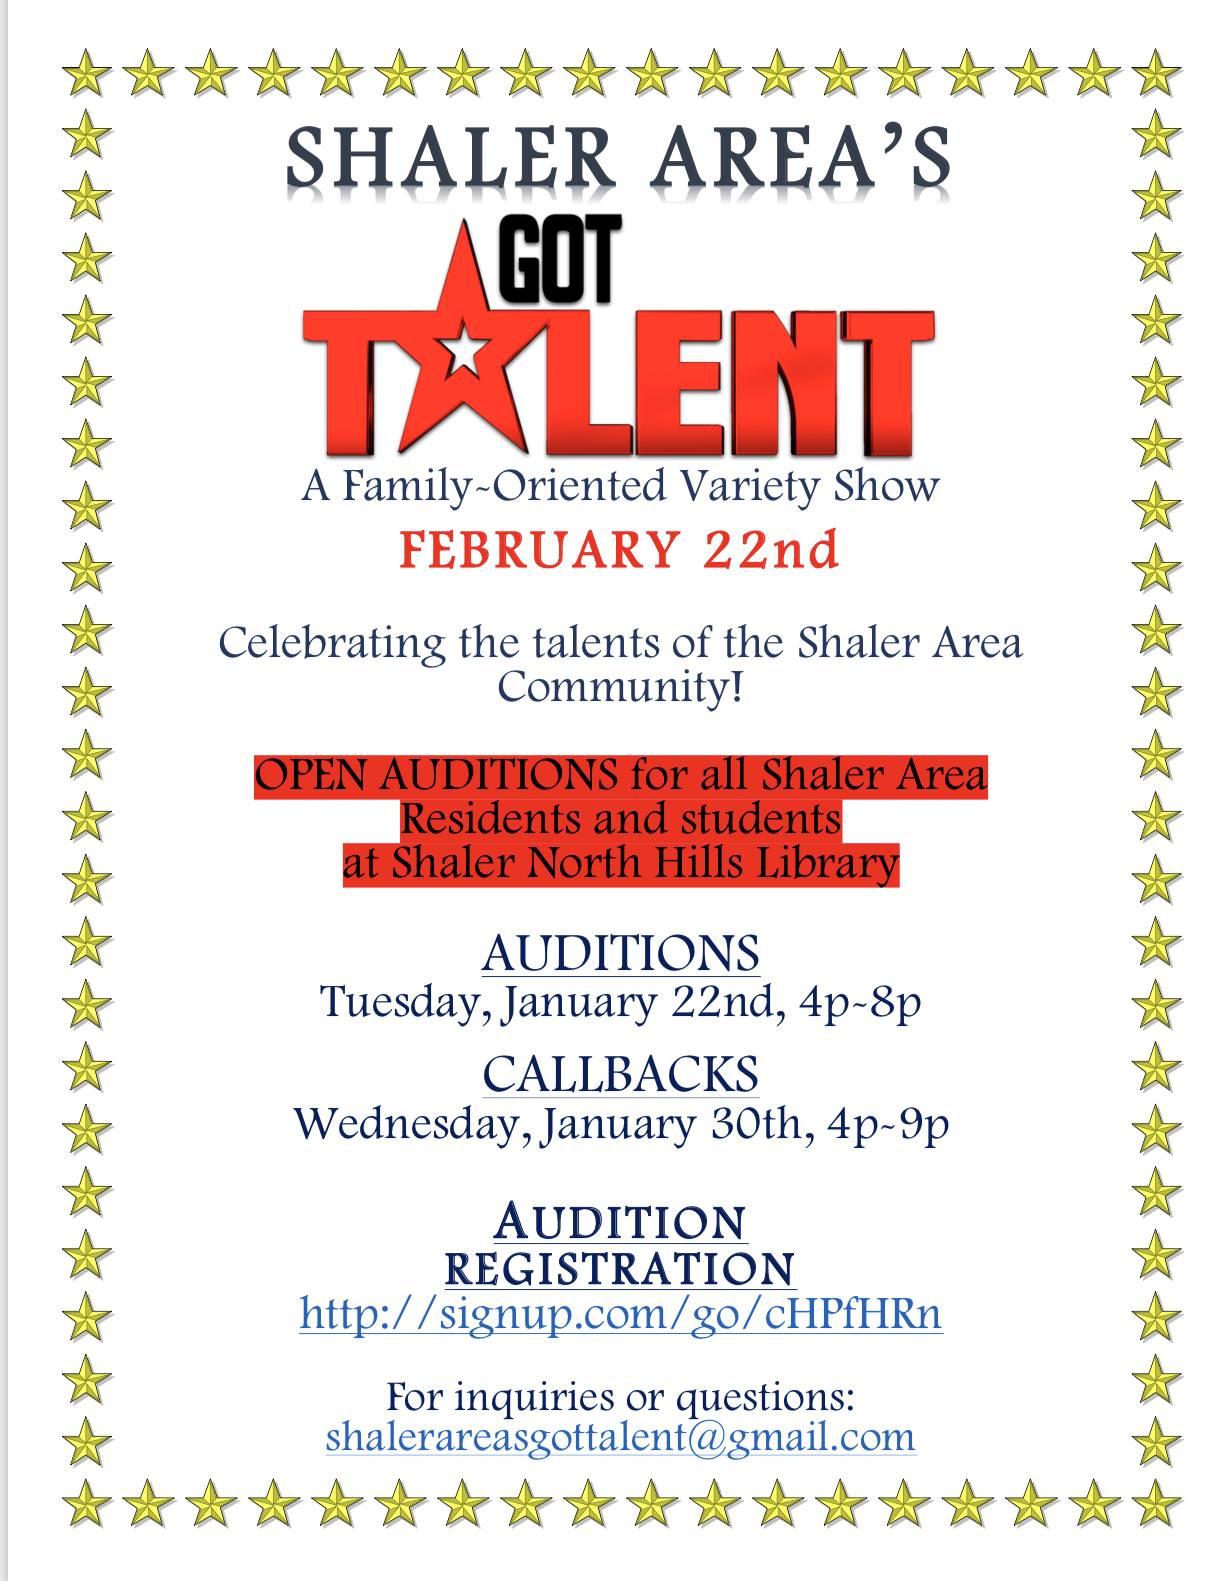 Shaler Area's Got Talent Auditions